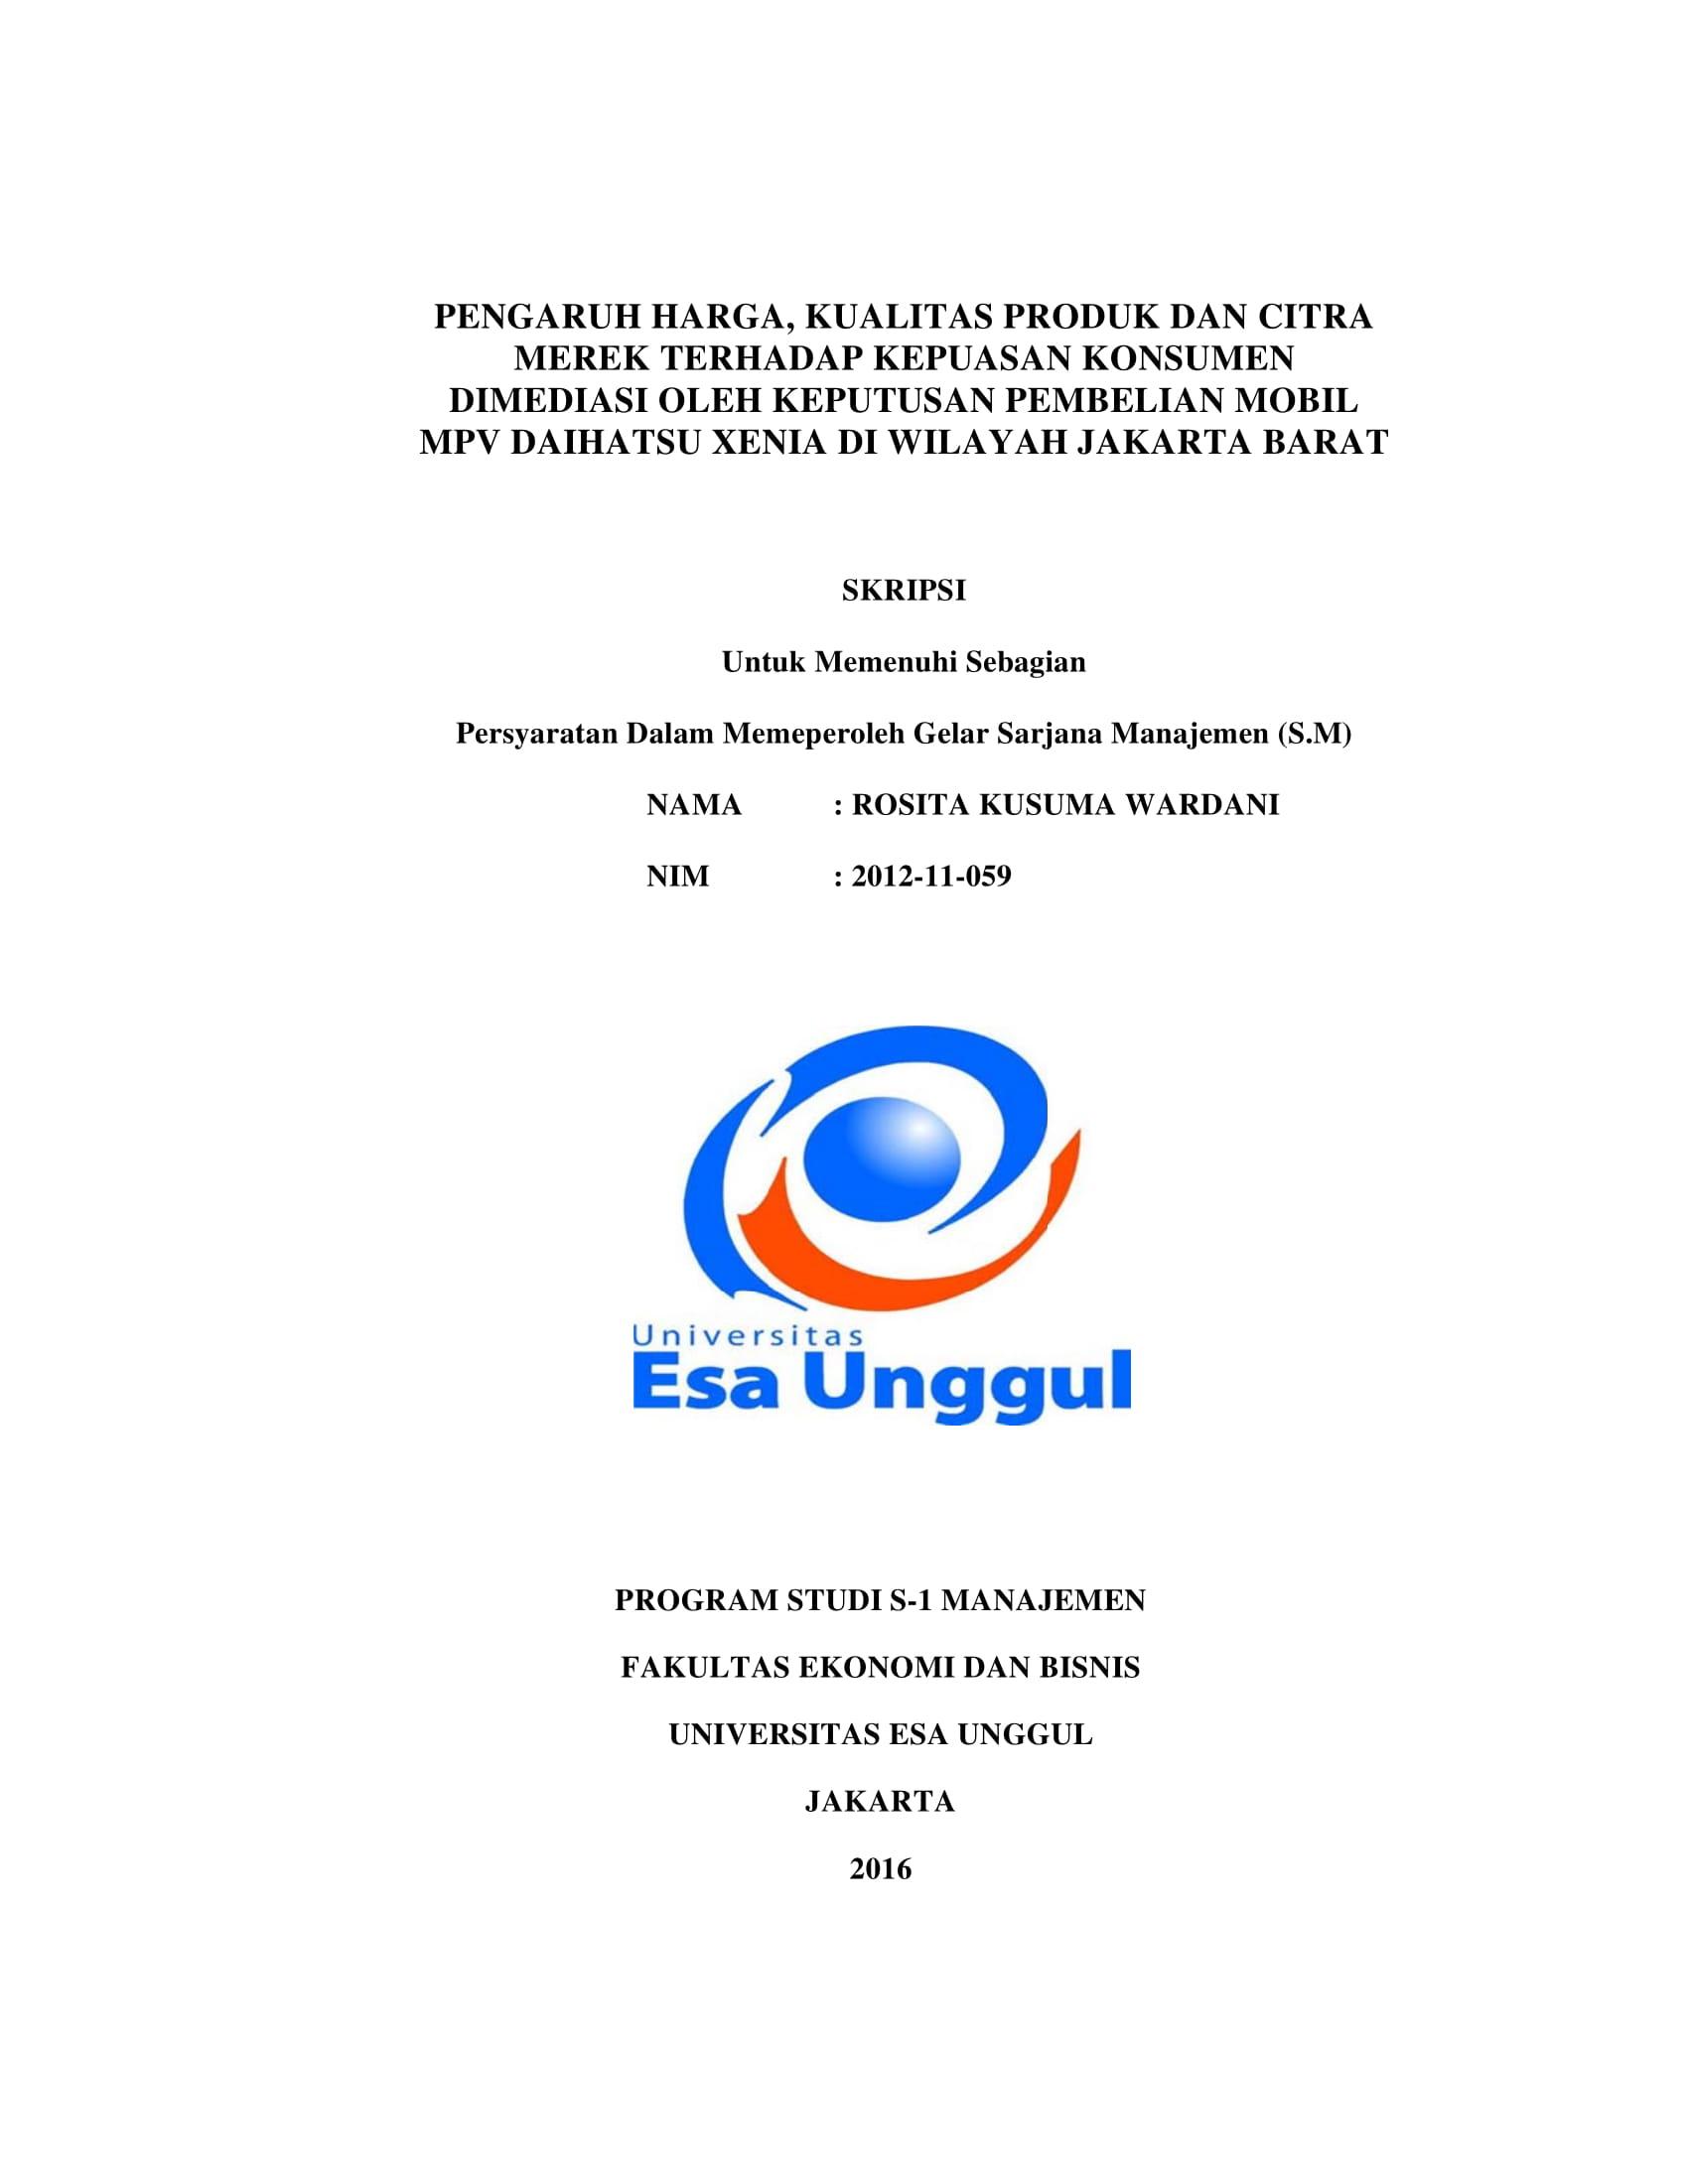 Pengaruh Harga, Kualitas Produk dan Citra Merek Terhadap Kepuasan Konsumen Dimediasi Oleh Keputusan Pembelian Mobil MPV Daihatsu Xenia di Wilayah Jakarta Barat